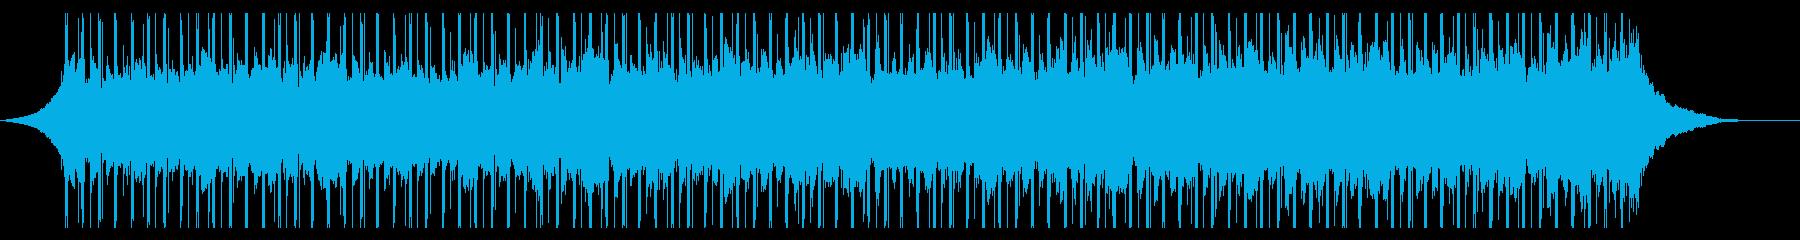 チュートリアル(60秒)の再生済みの波形